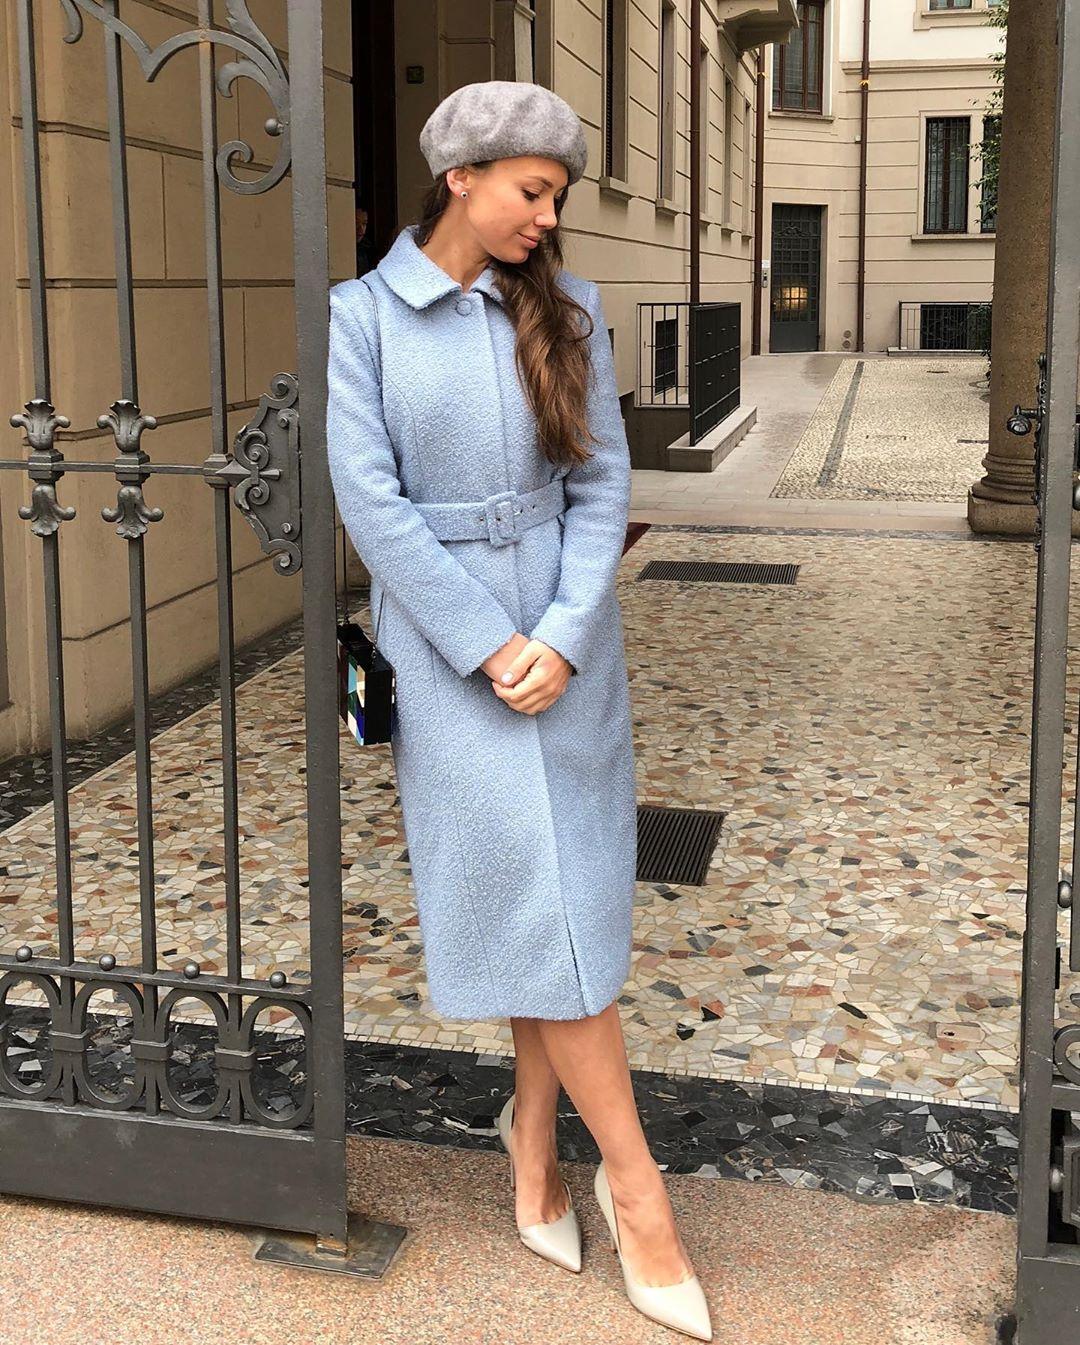 модные образы для бизнес-леди осень 2019 фото 8